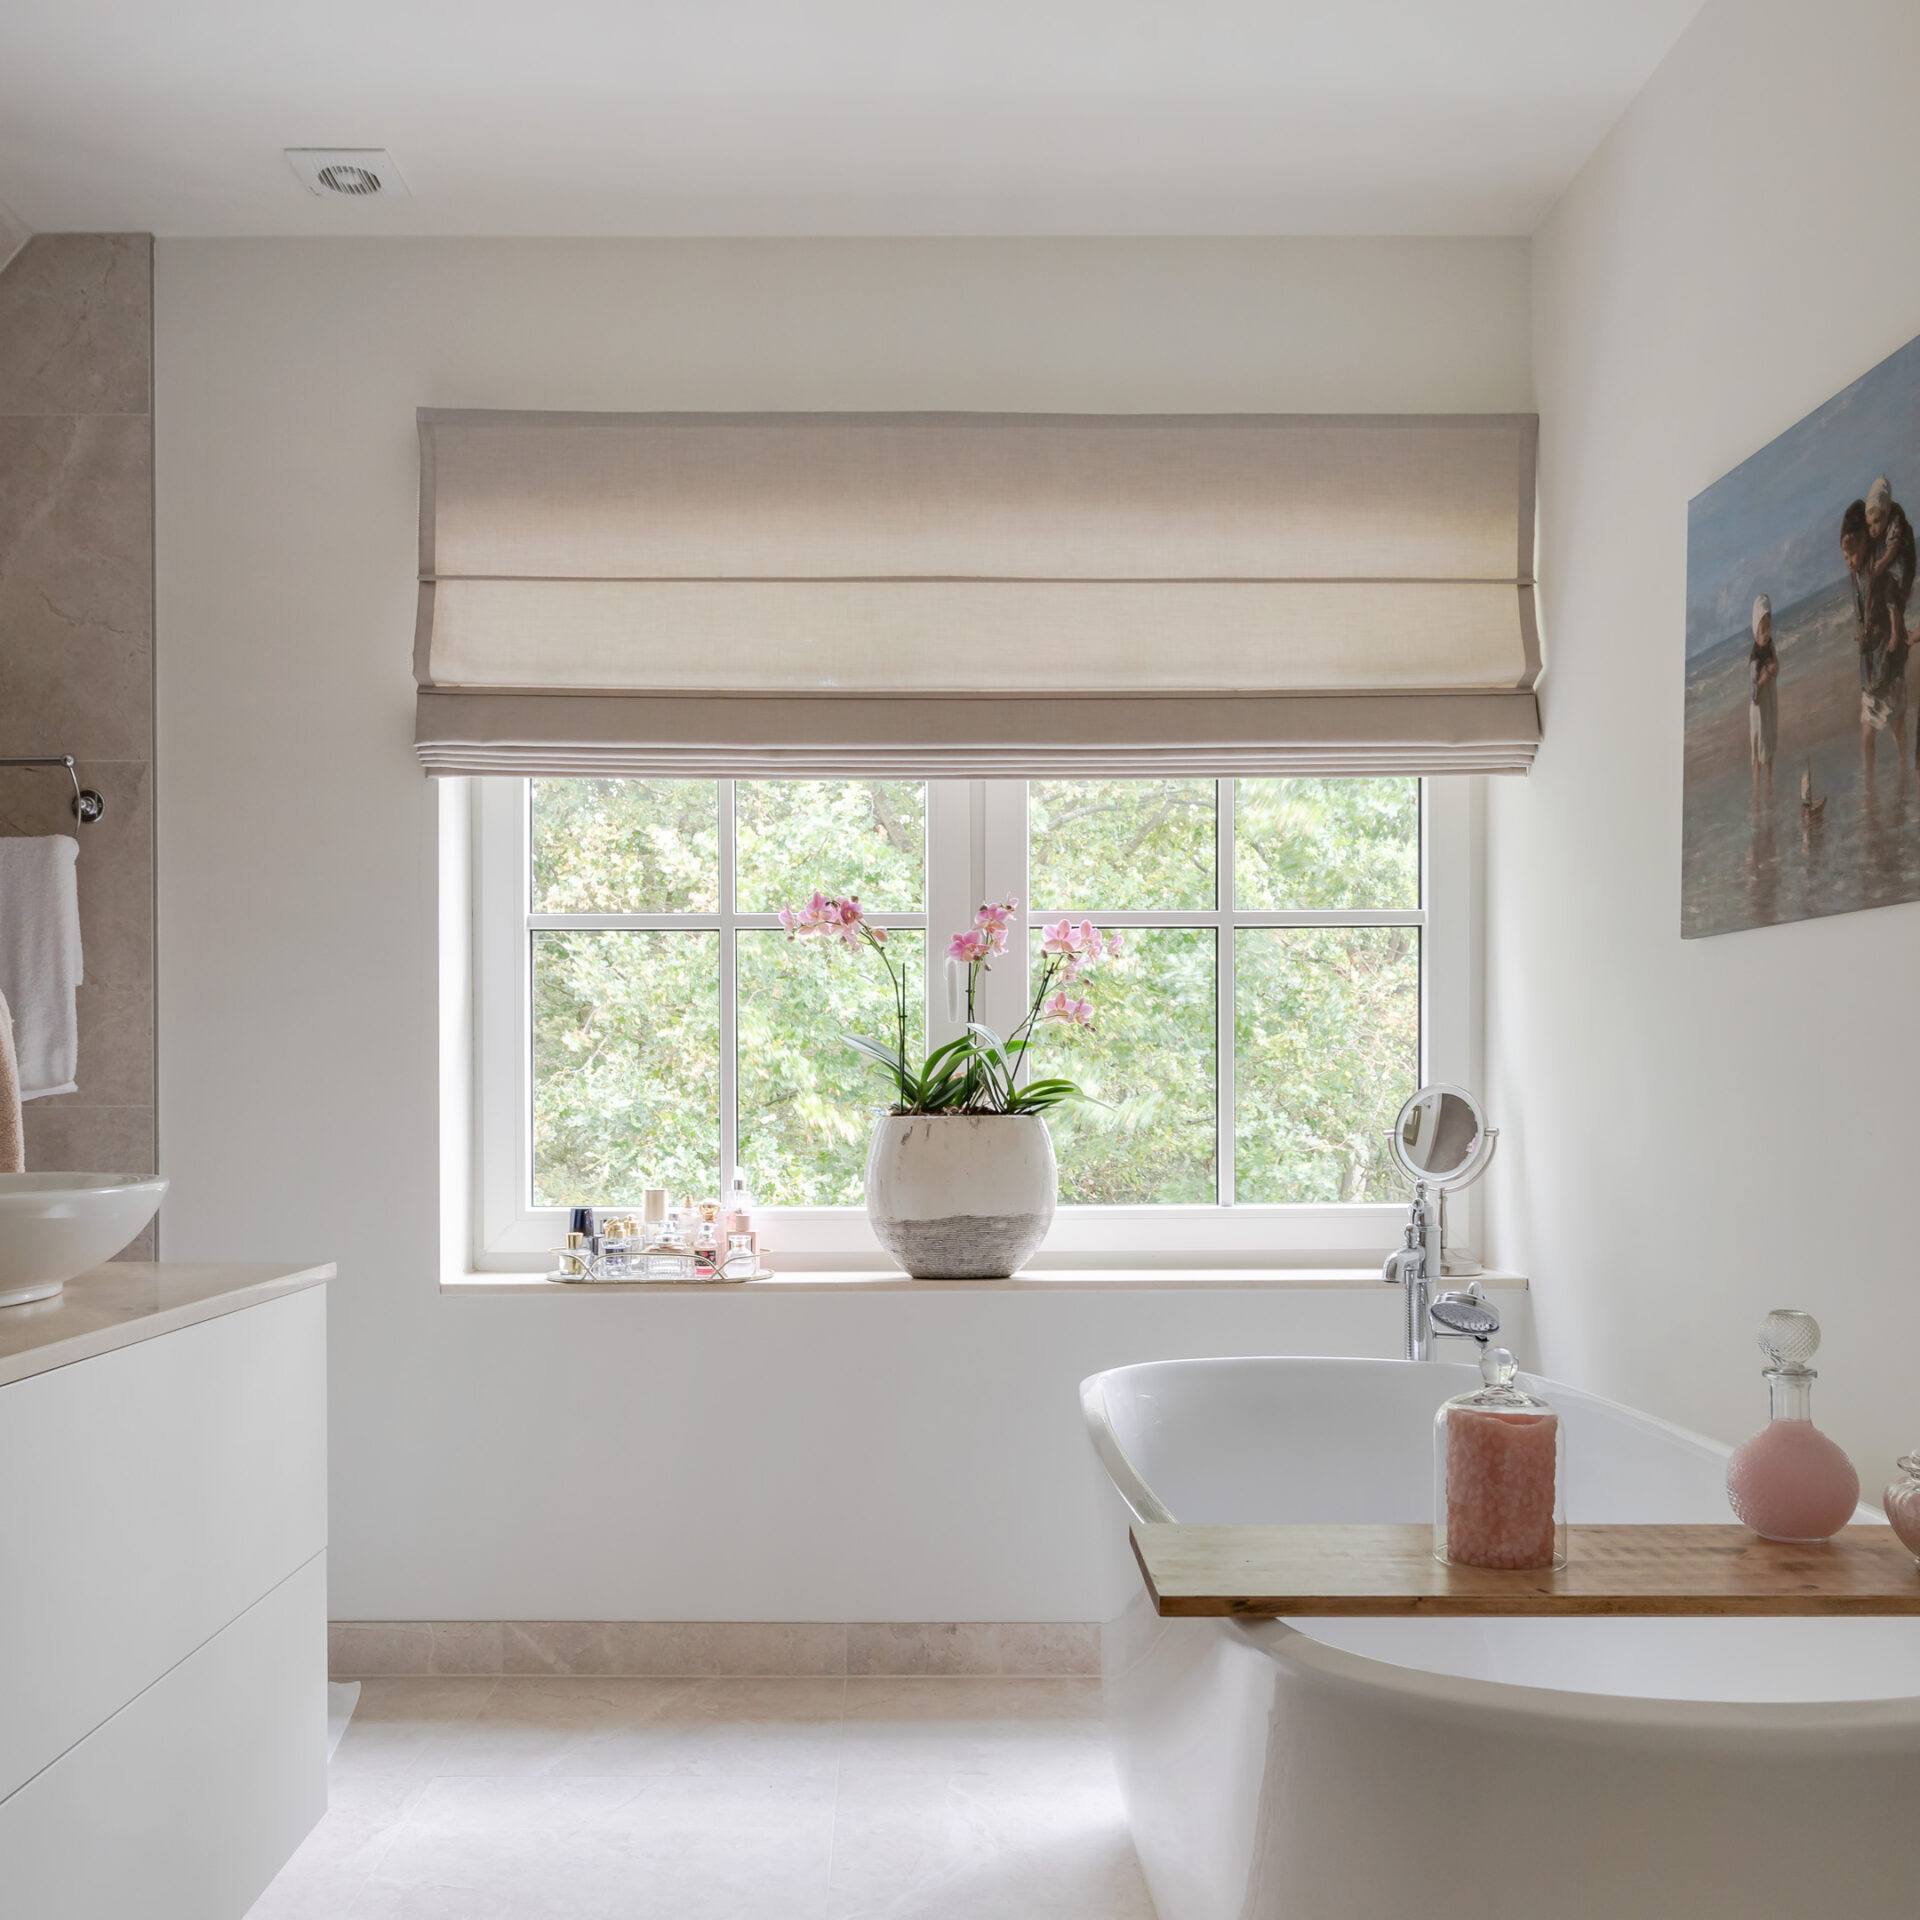 Select Windows kunststof kozijnen - kunststof kozijnen Bergen - kunststof ramen badkamer